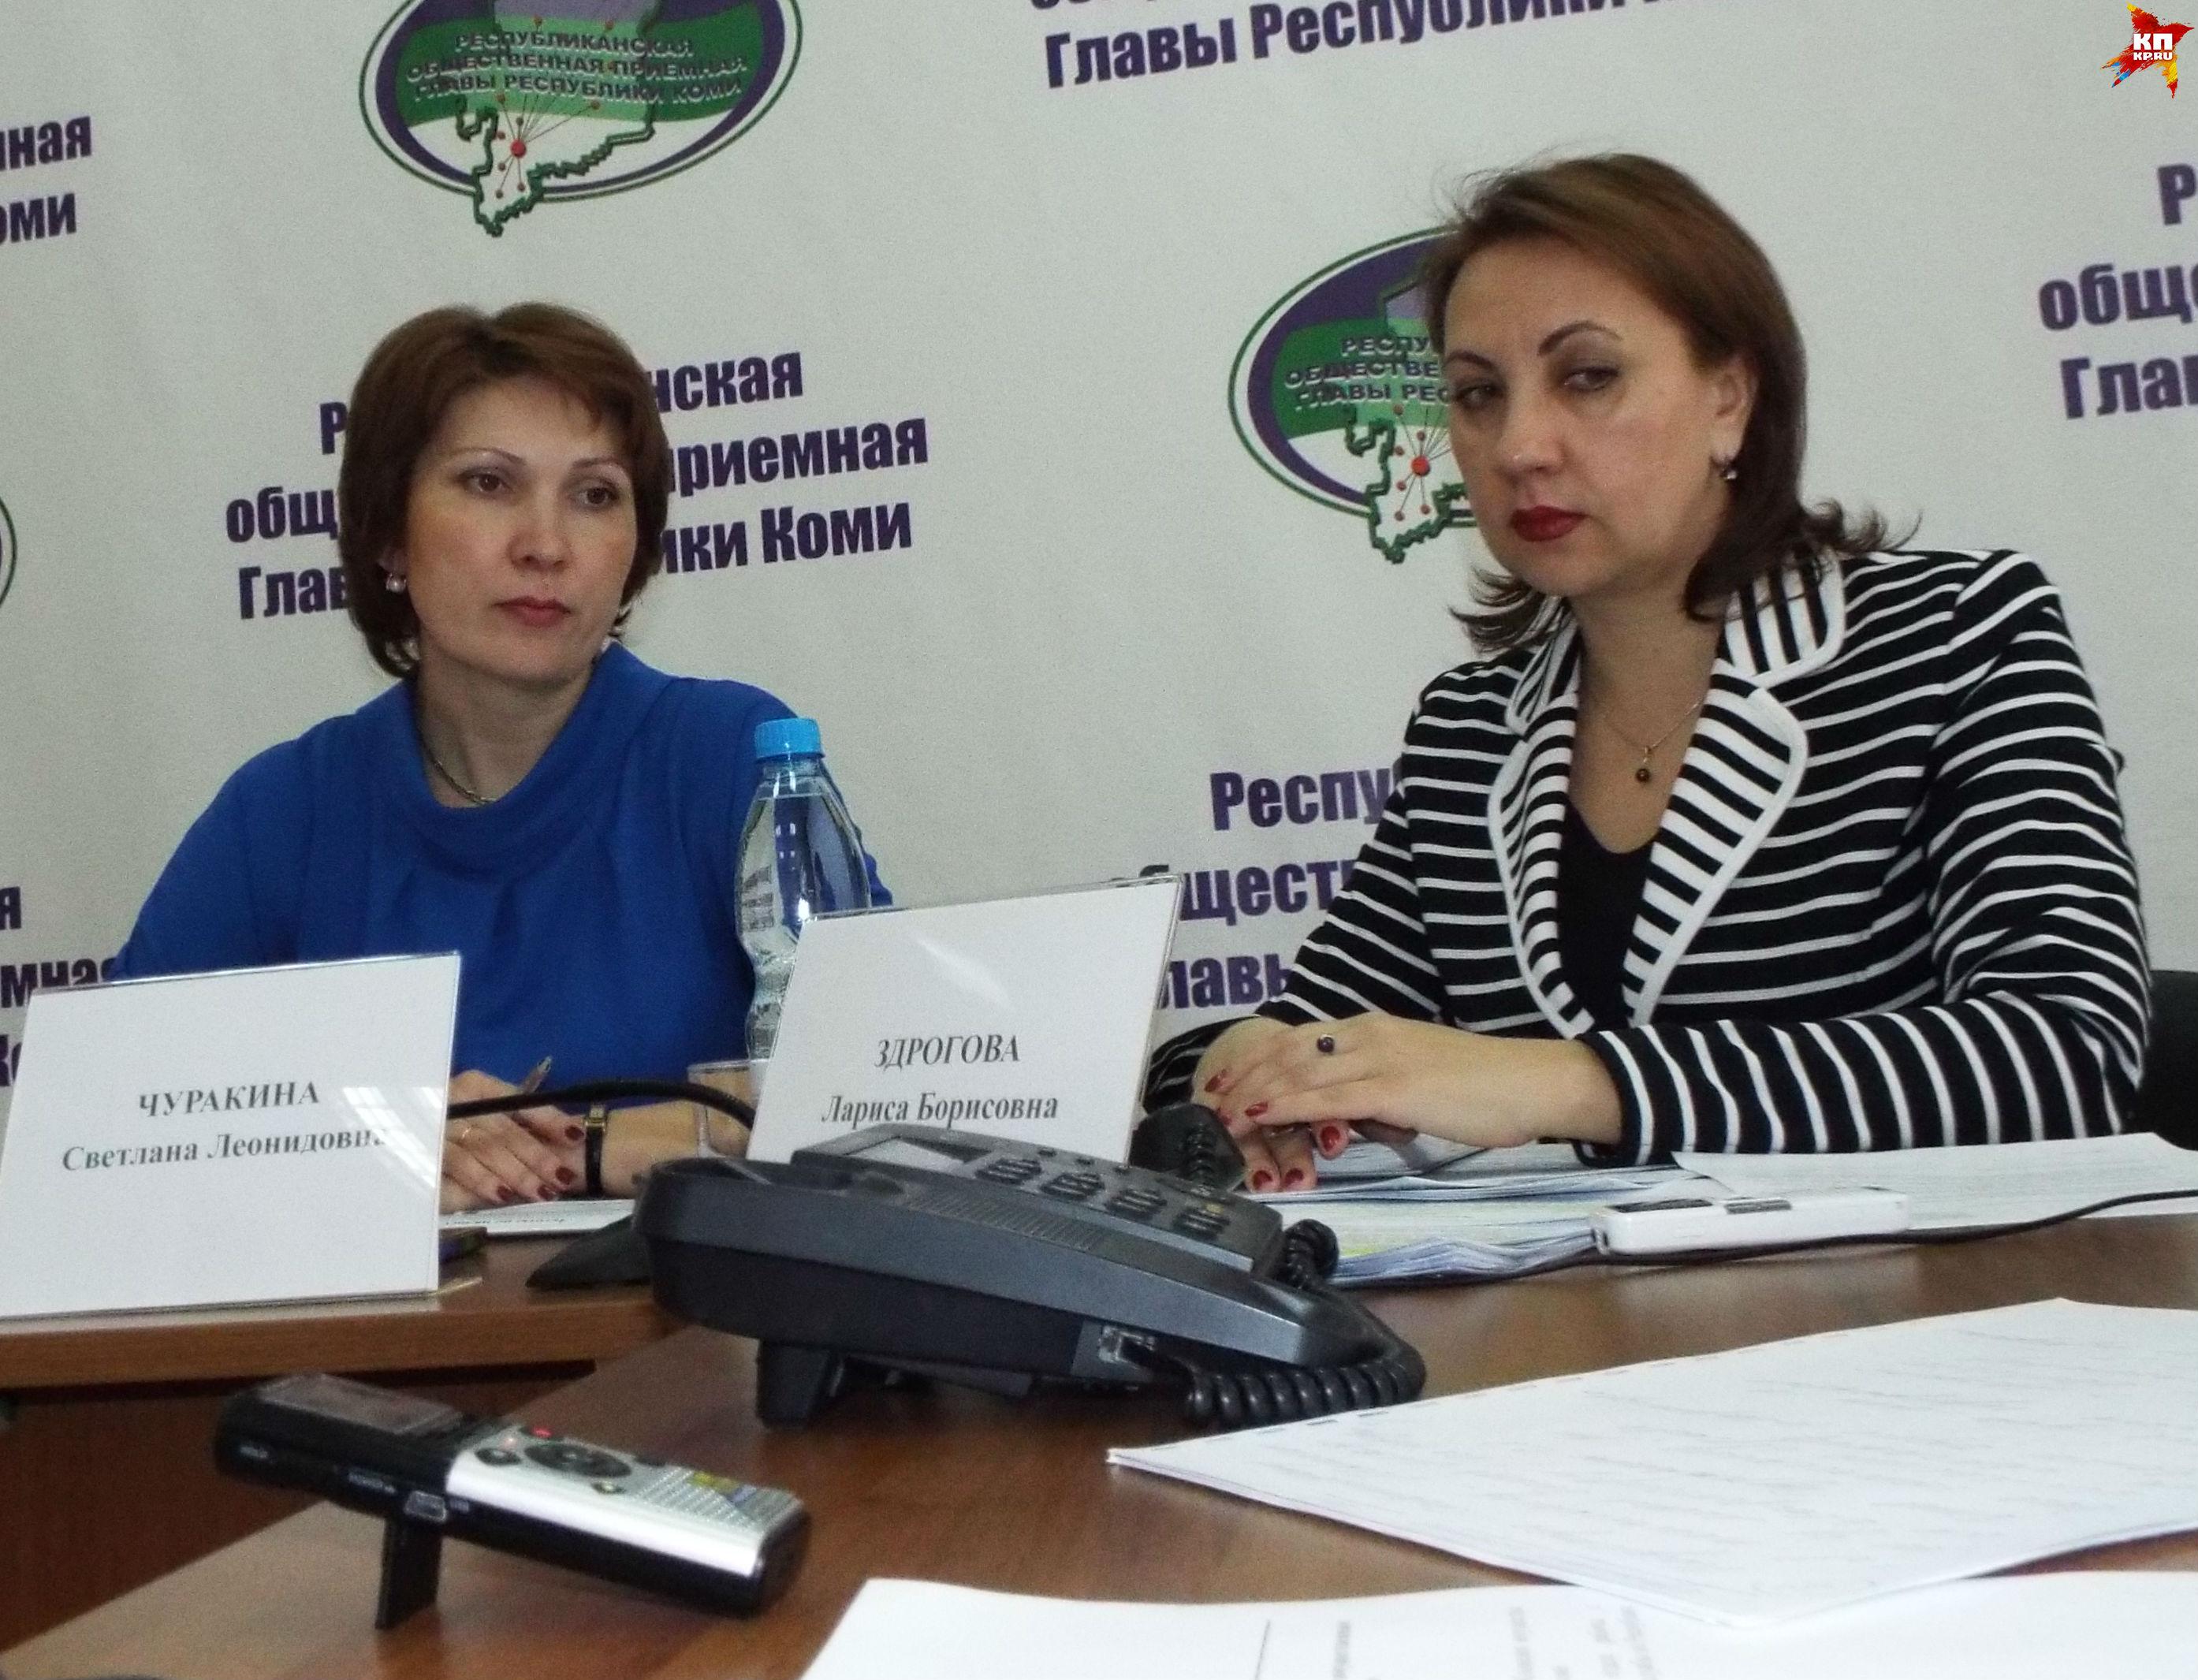 УФНС: Разъяснение ольготах потранспортному налогу вХабаровском крае